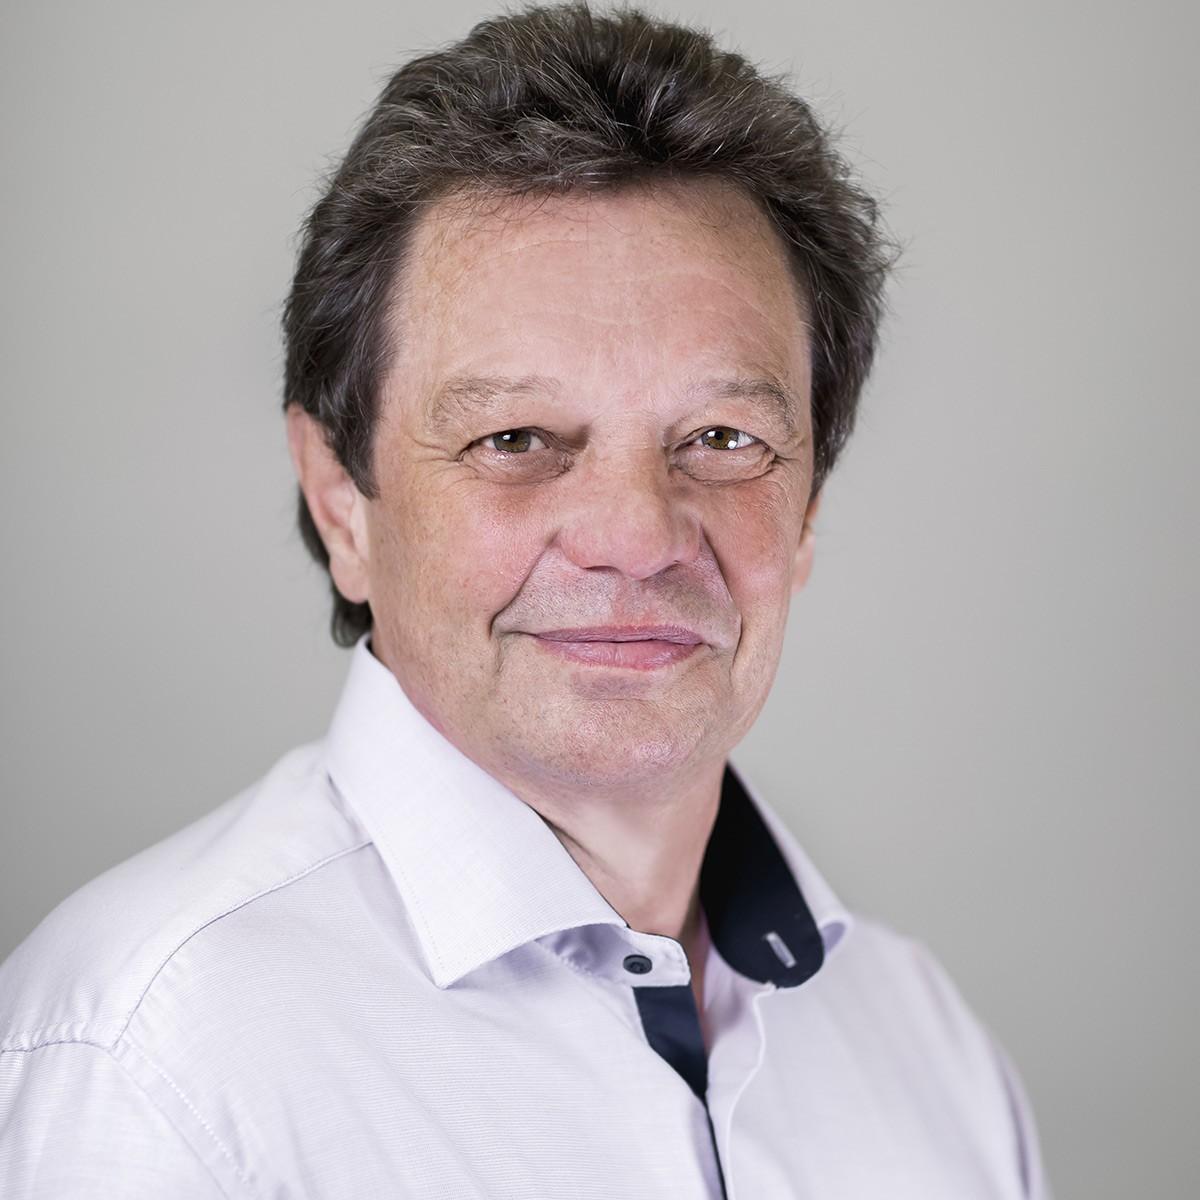 Rudolf Haase